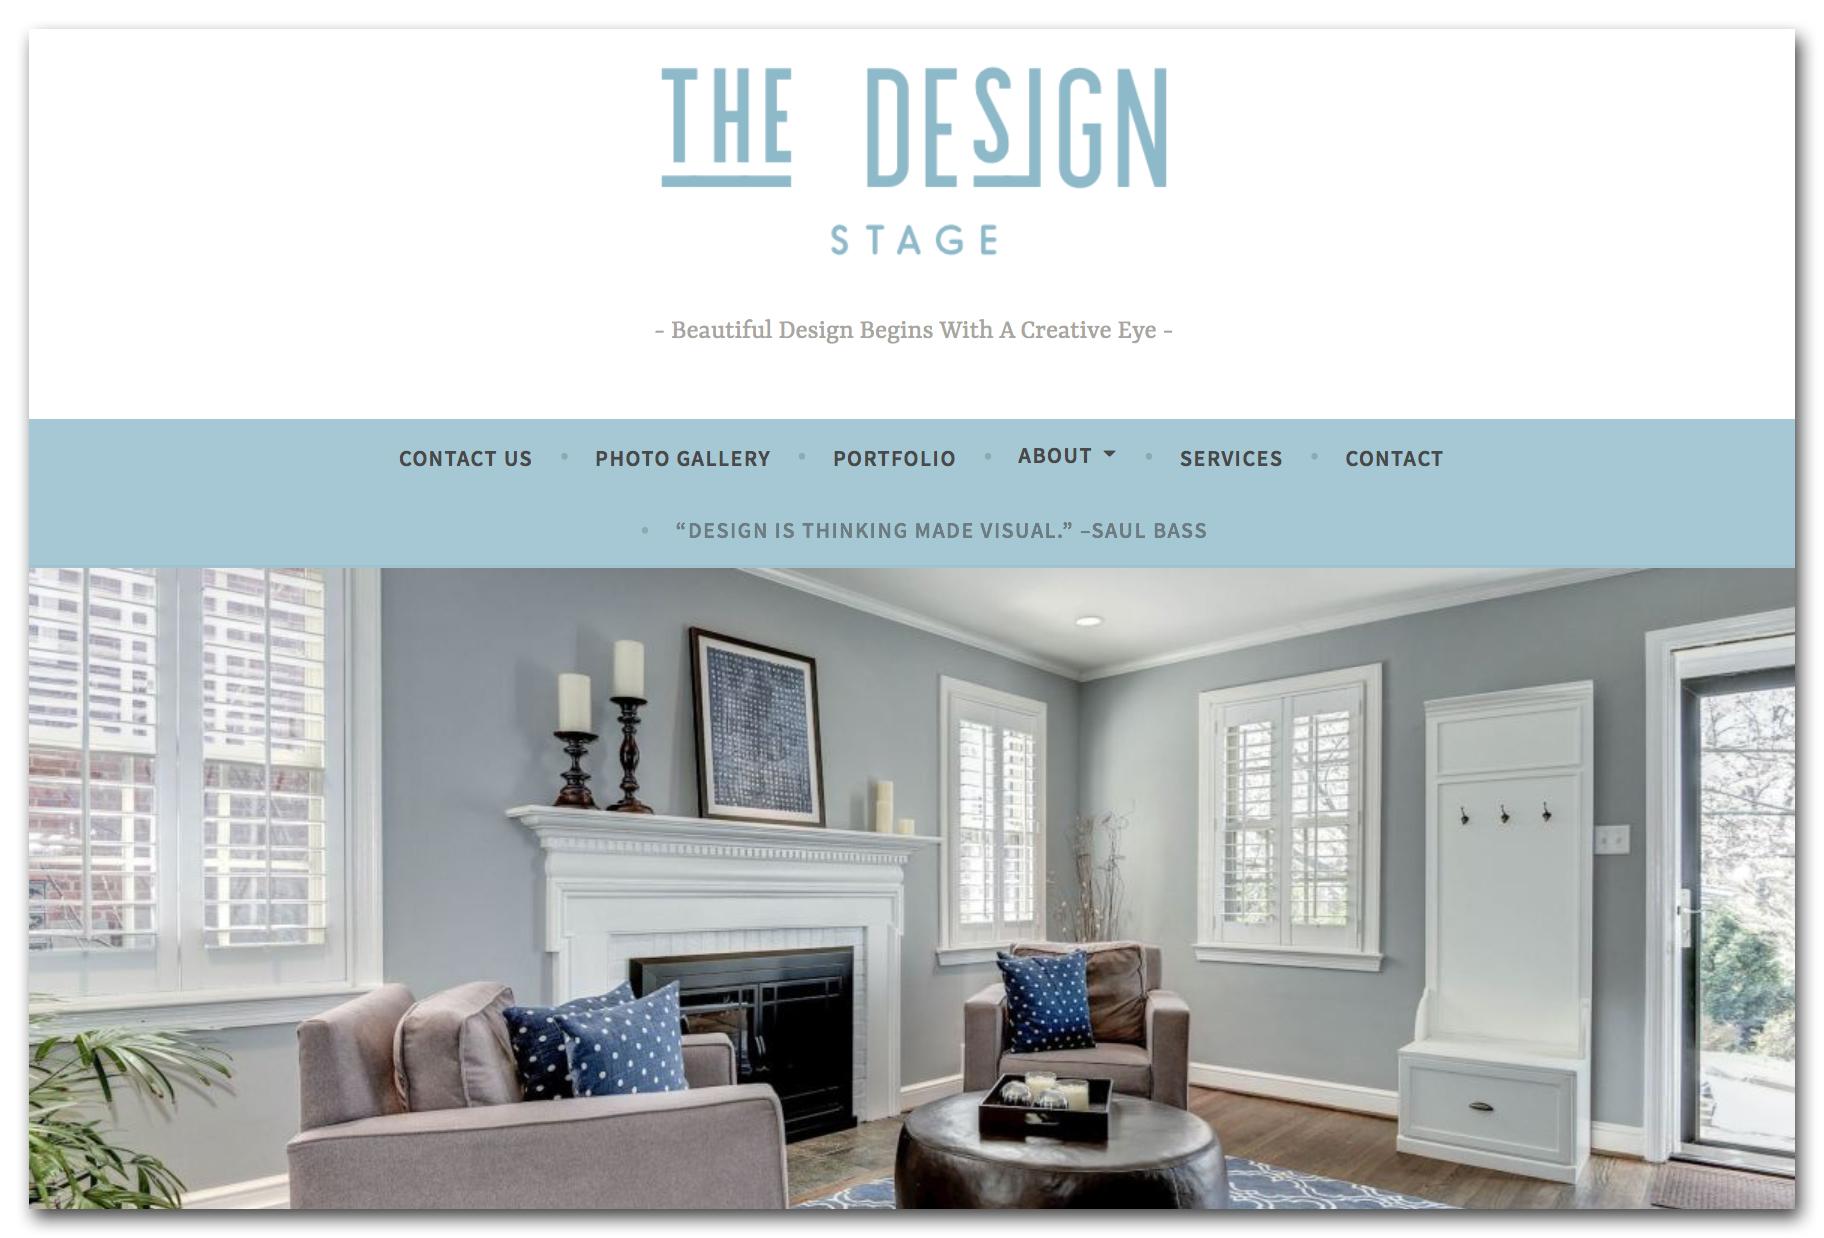 designstagewebsite.jpg